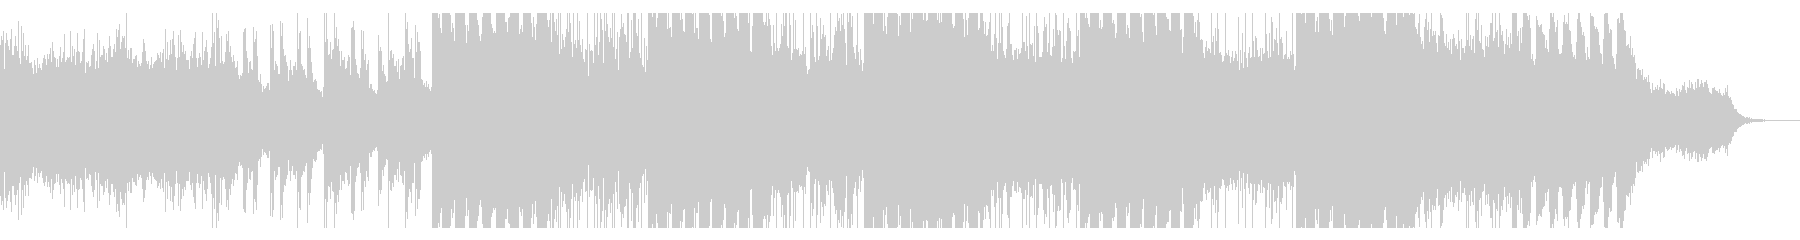 ノイジーなインダストリアルIDMの未再生の波形